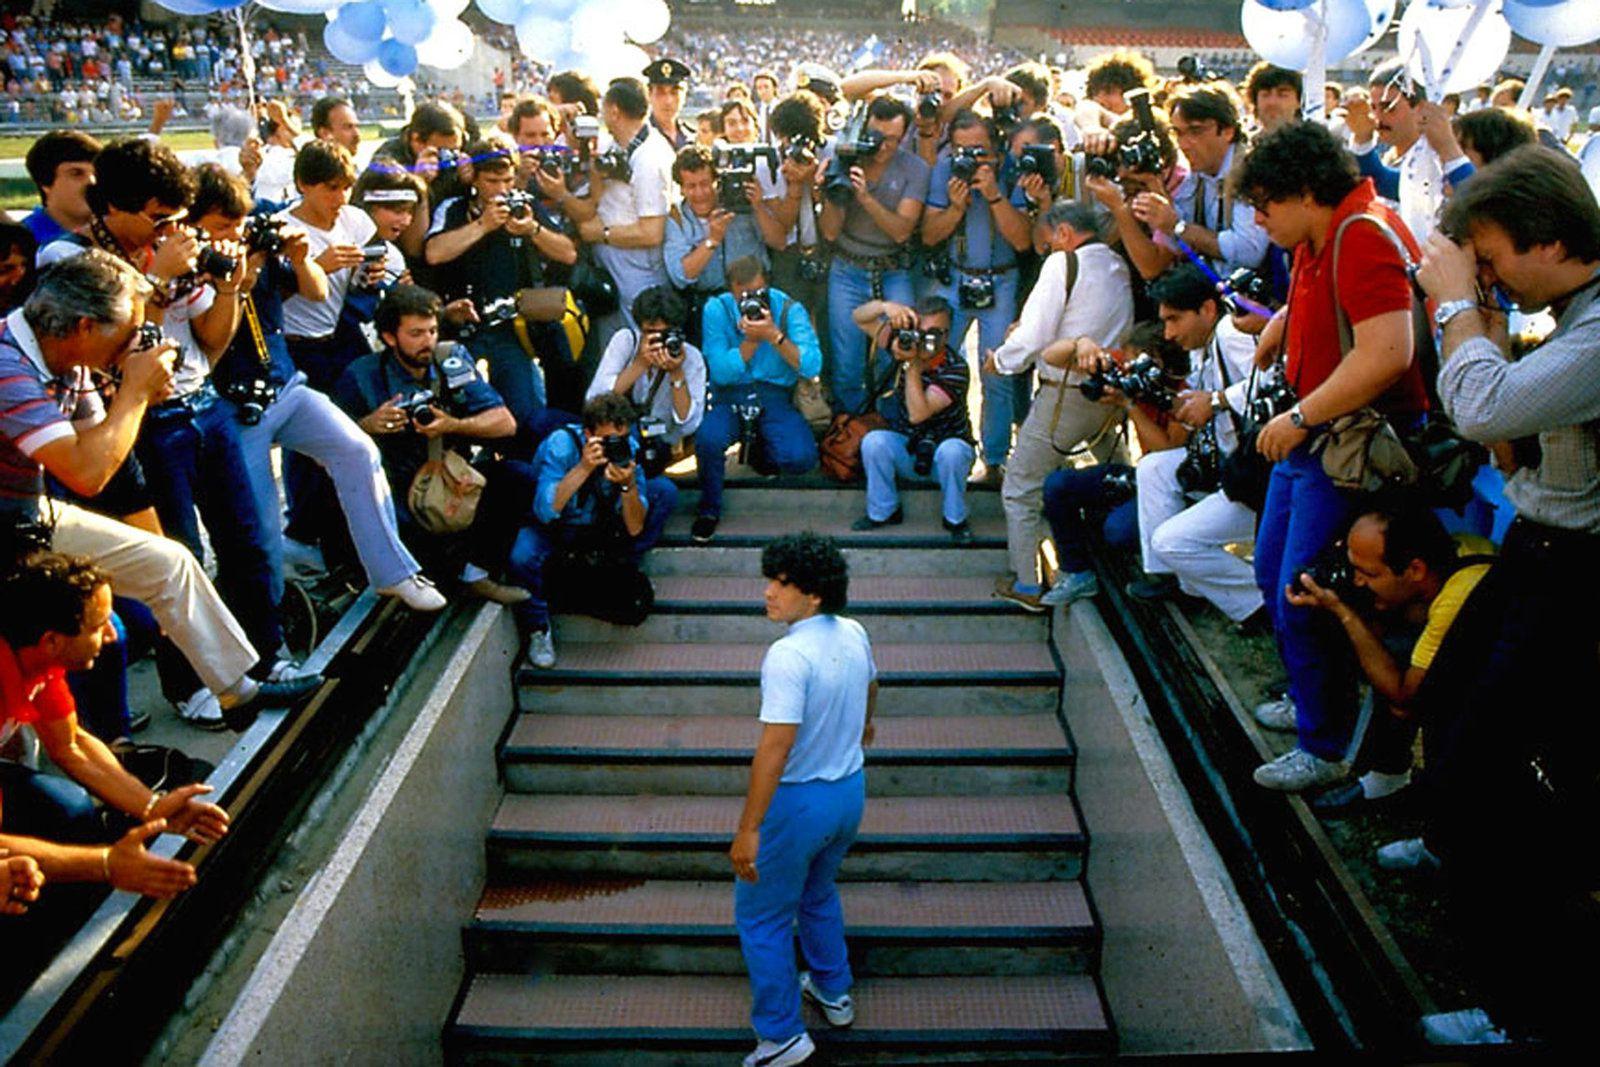 Diego Maradona - Documentaire de Asif Kapadia - Extrait 1 - Hors Compétition au Festival de Cannes 2019